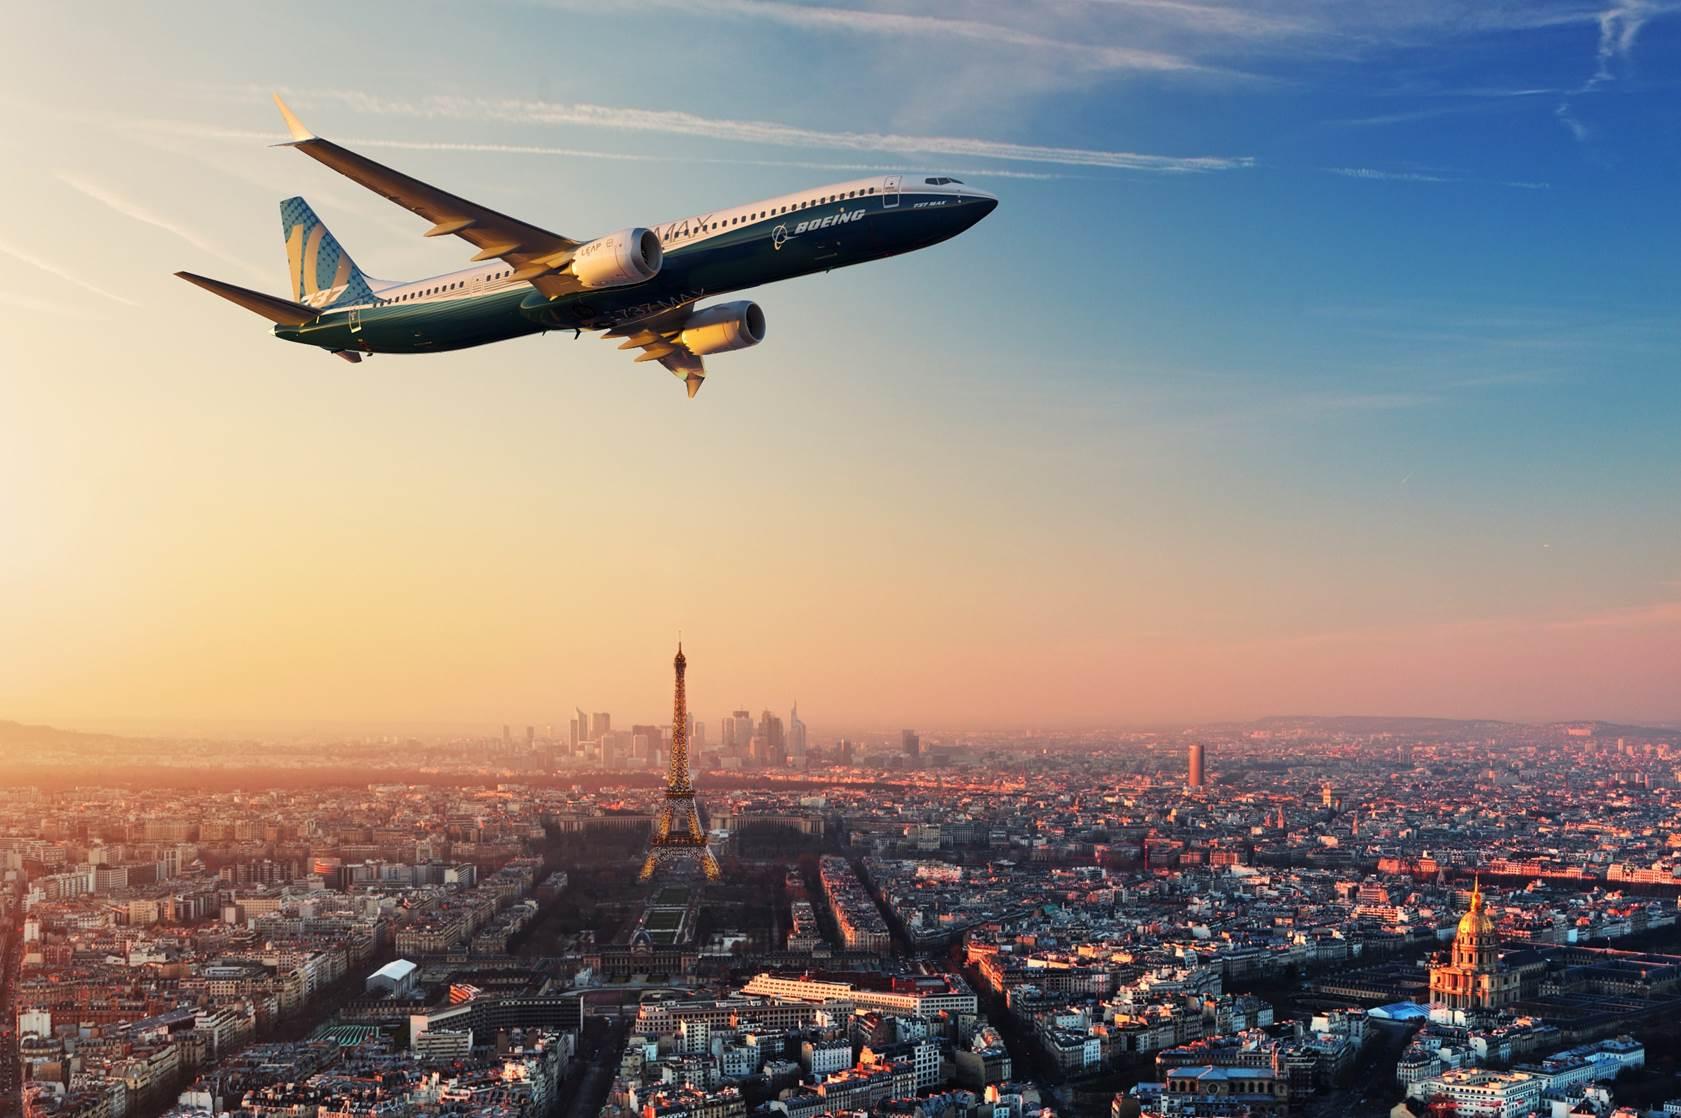 La FAA propone cuatro cambios de diseño del B737 MAX